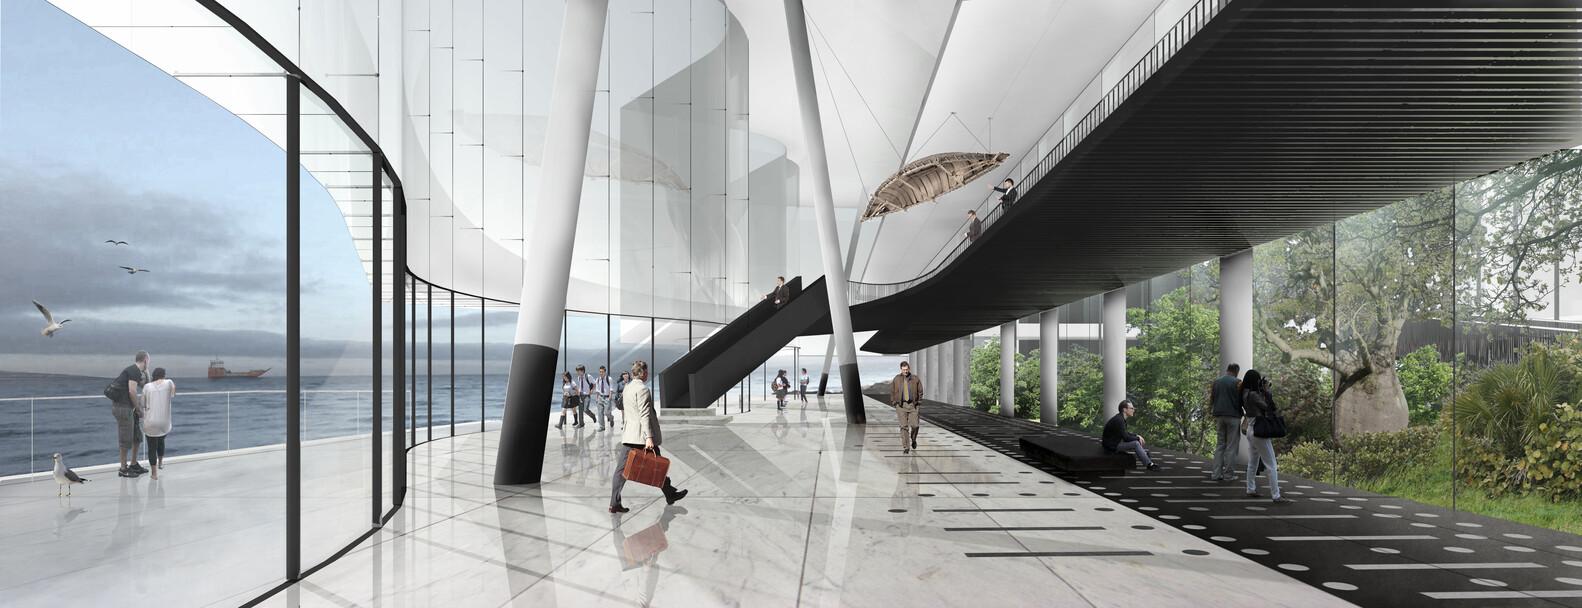 aprueban-la-construccion-del-centro-antartico-internacional-en-chile-2-alt